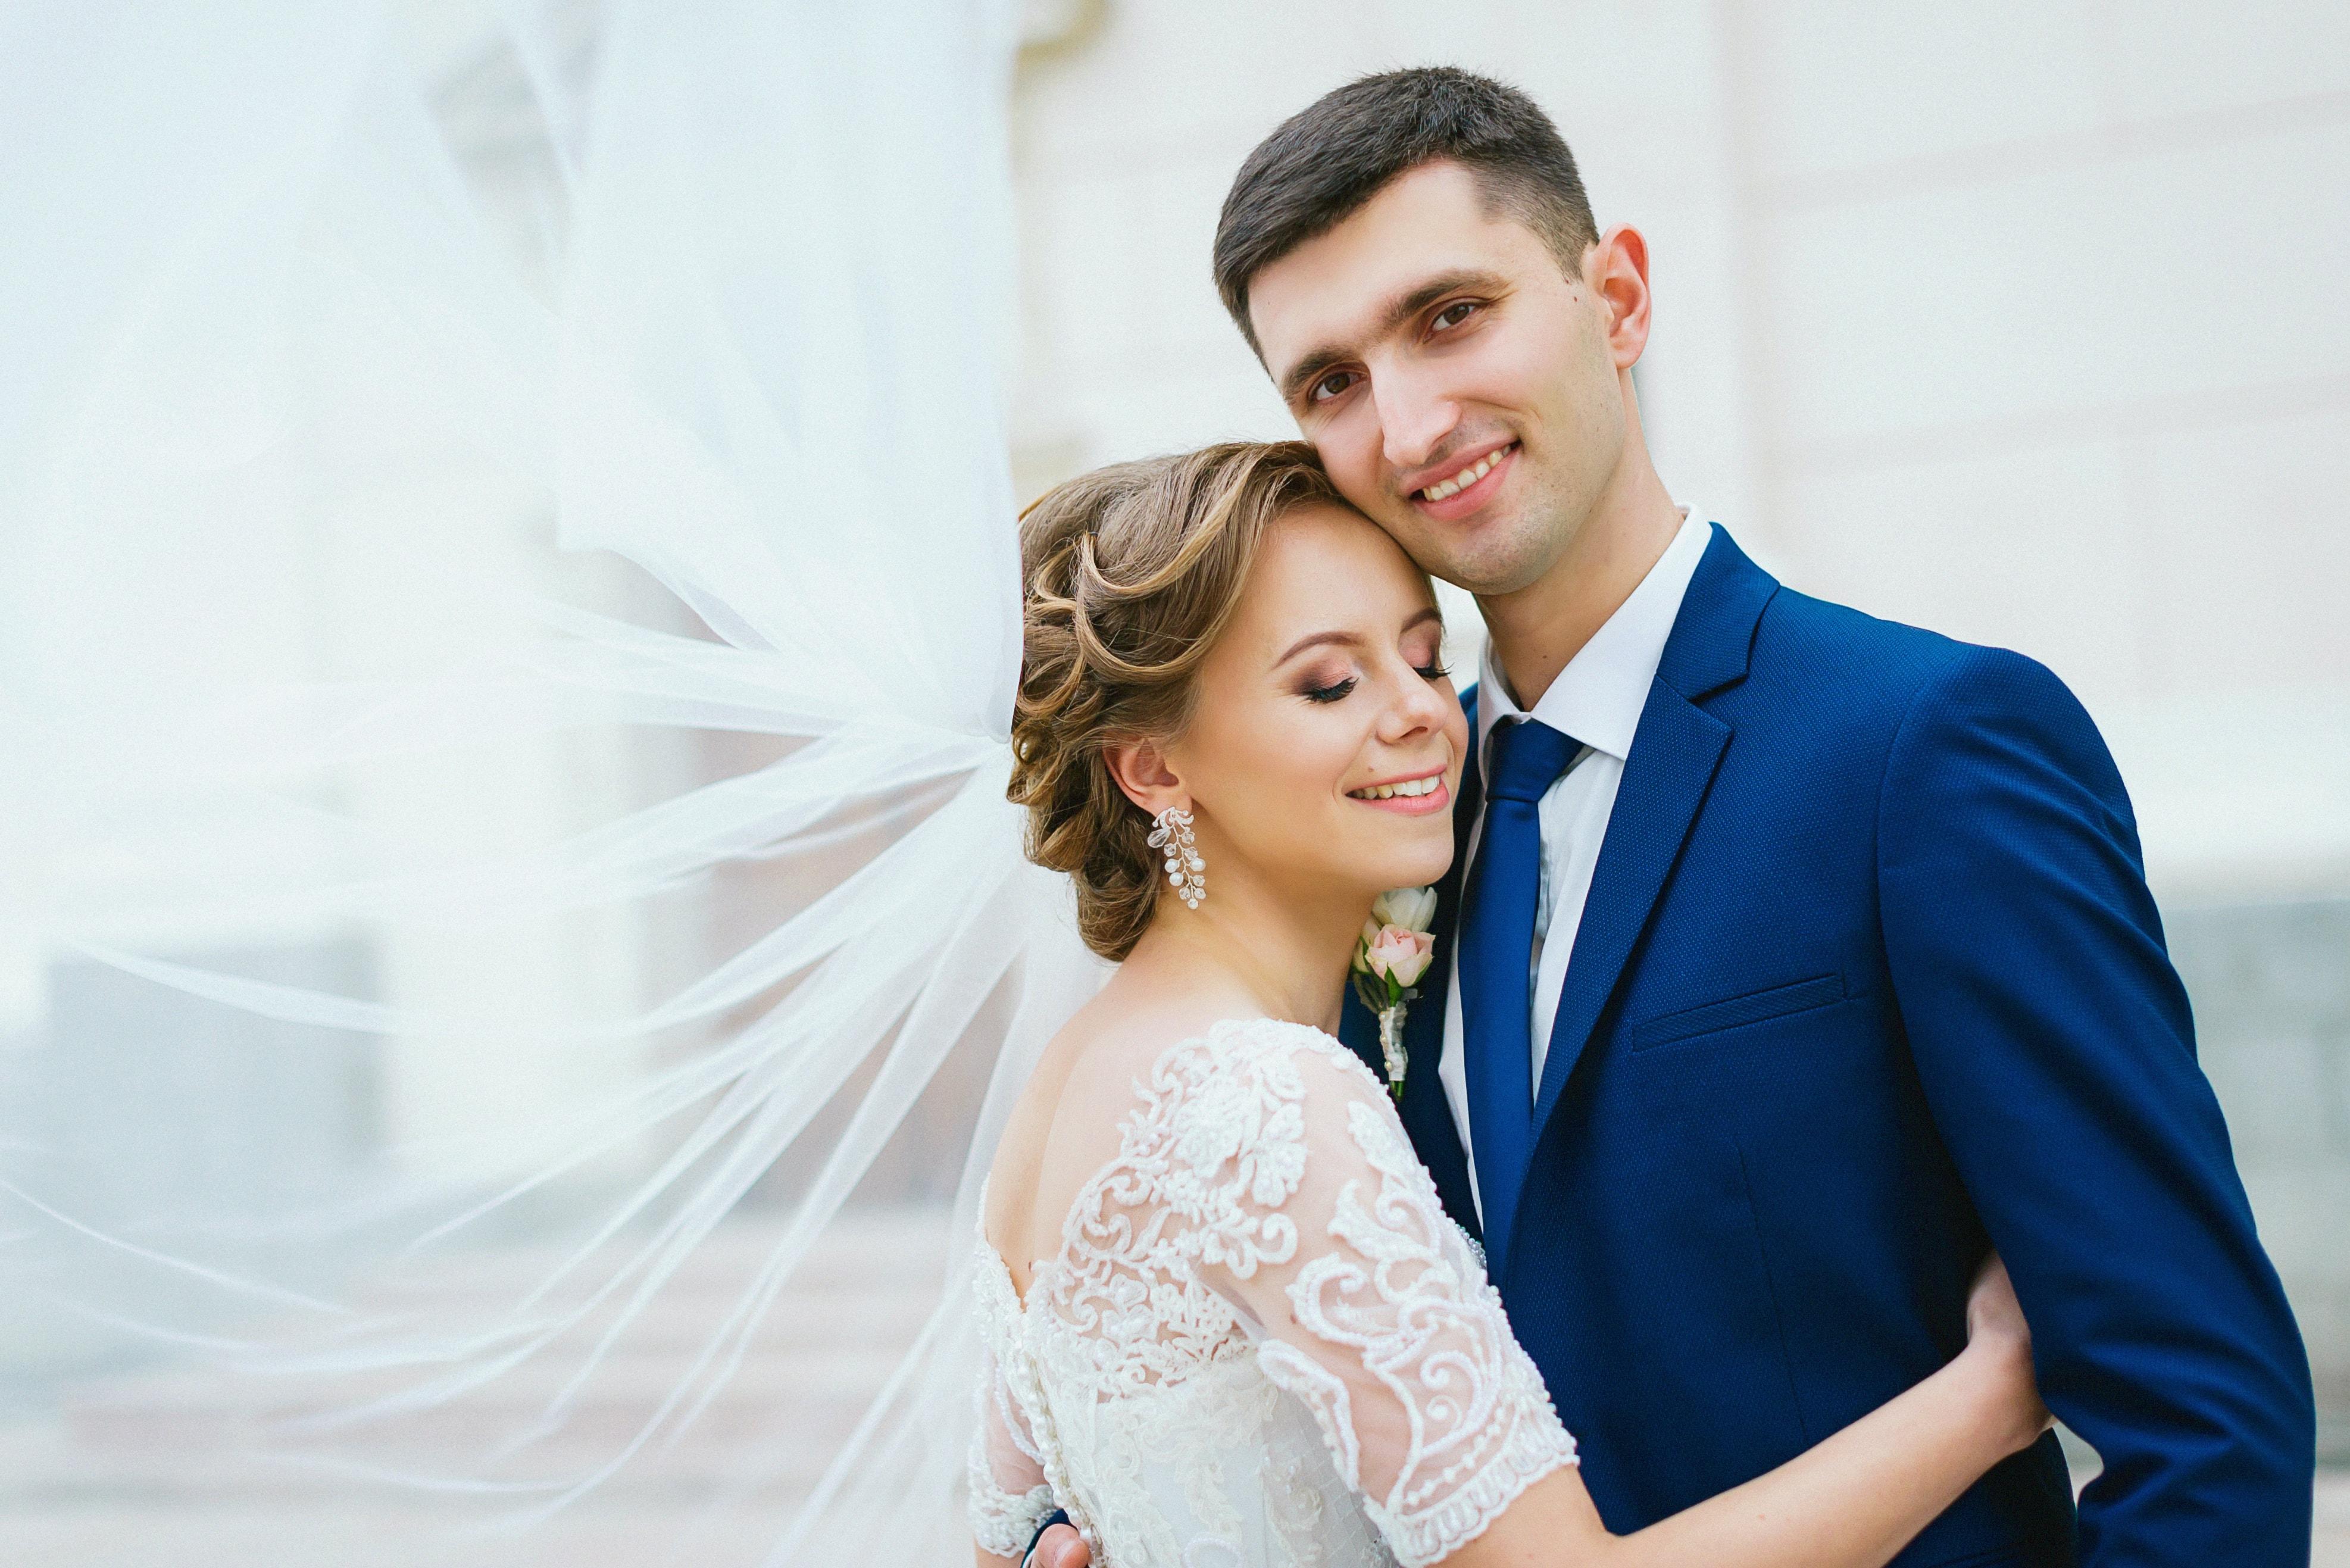 52004d5c0dd9c4 Фотограф та відеооператор на весілля, замовити фото та відеозйомку ...